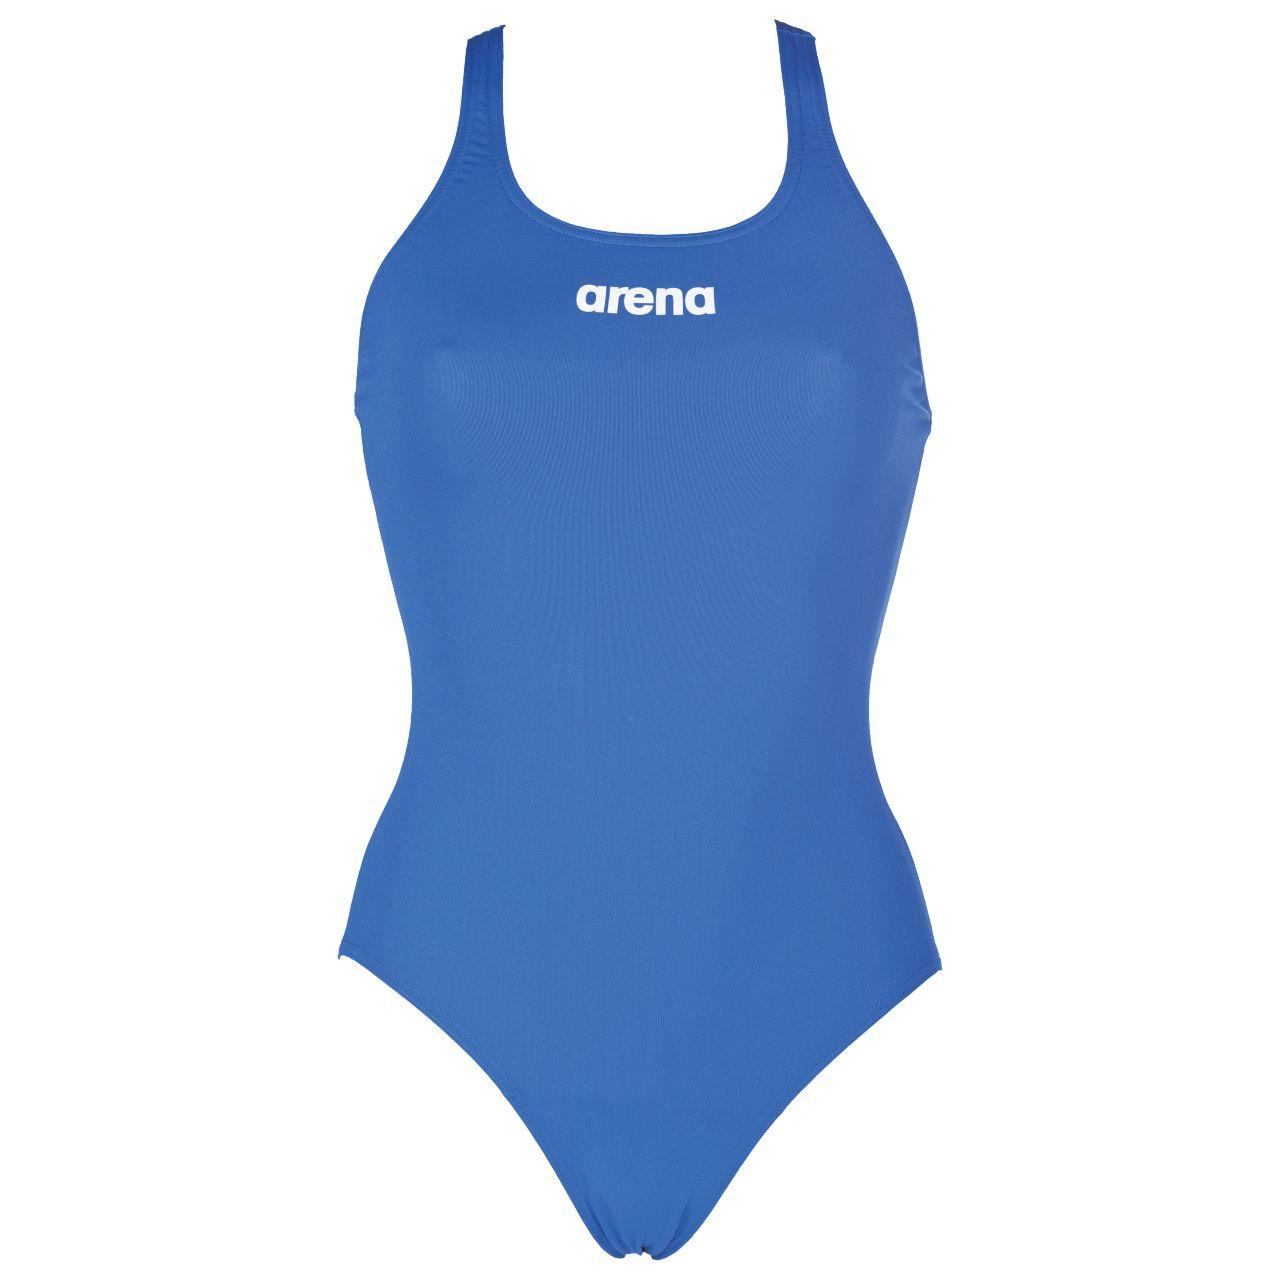 Traje de Baño Deportivo arena para Niña Solid Swim Pro con Forro_75957